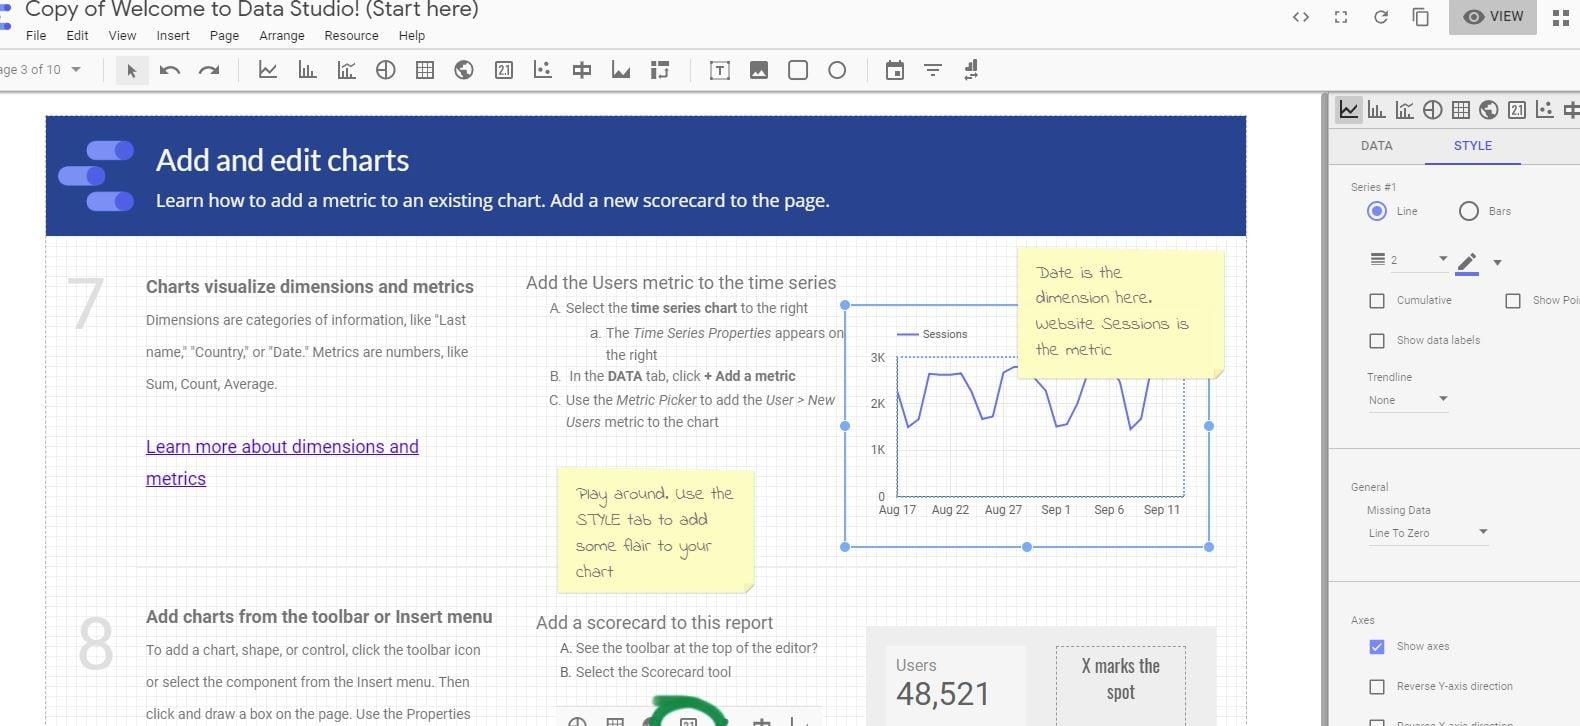 Data Studio Tutorial